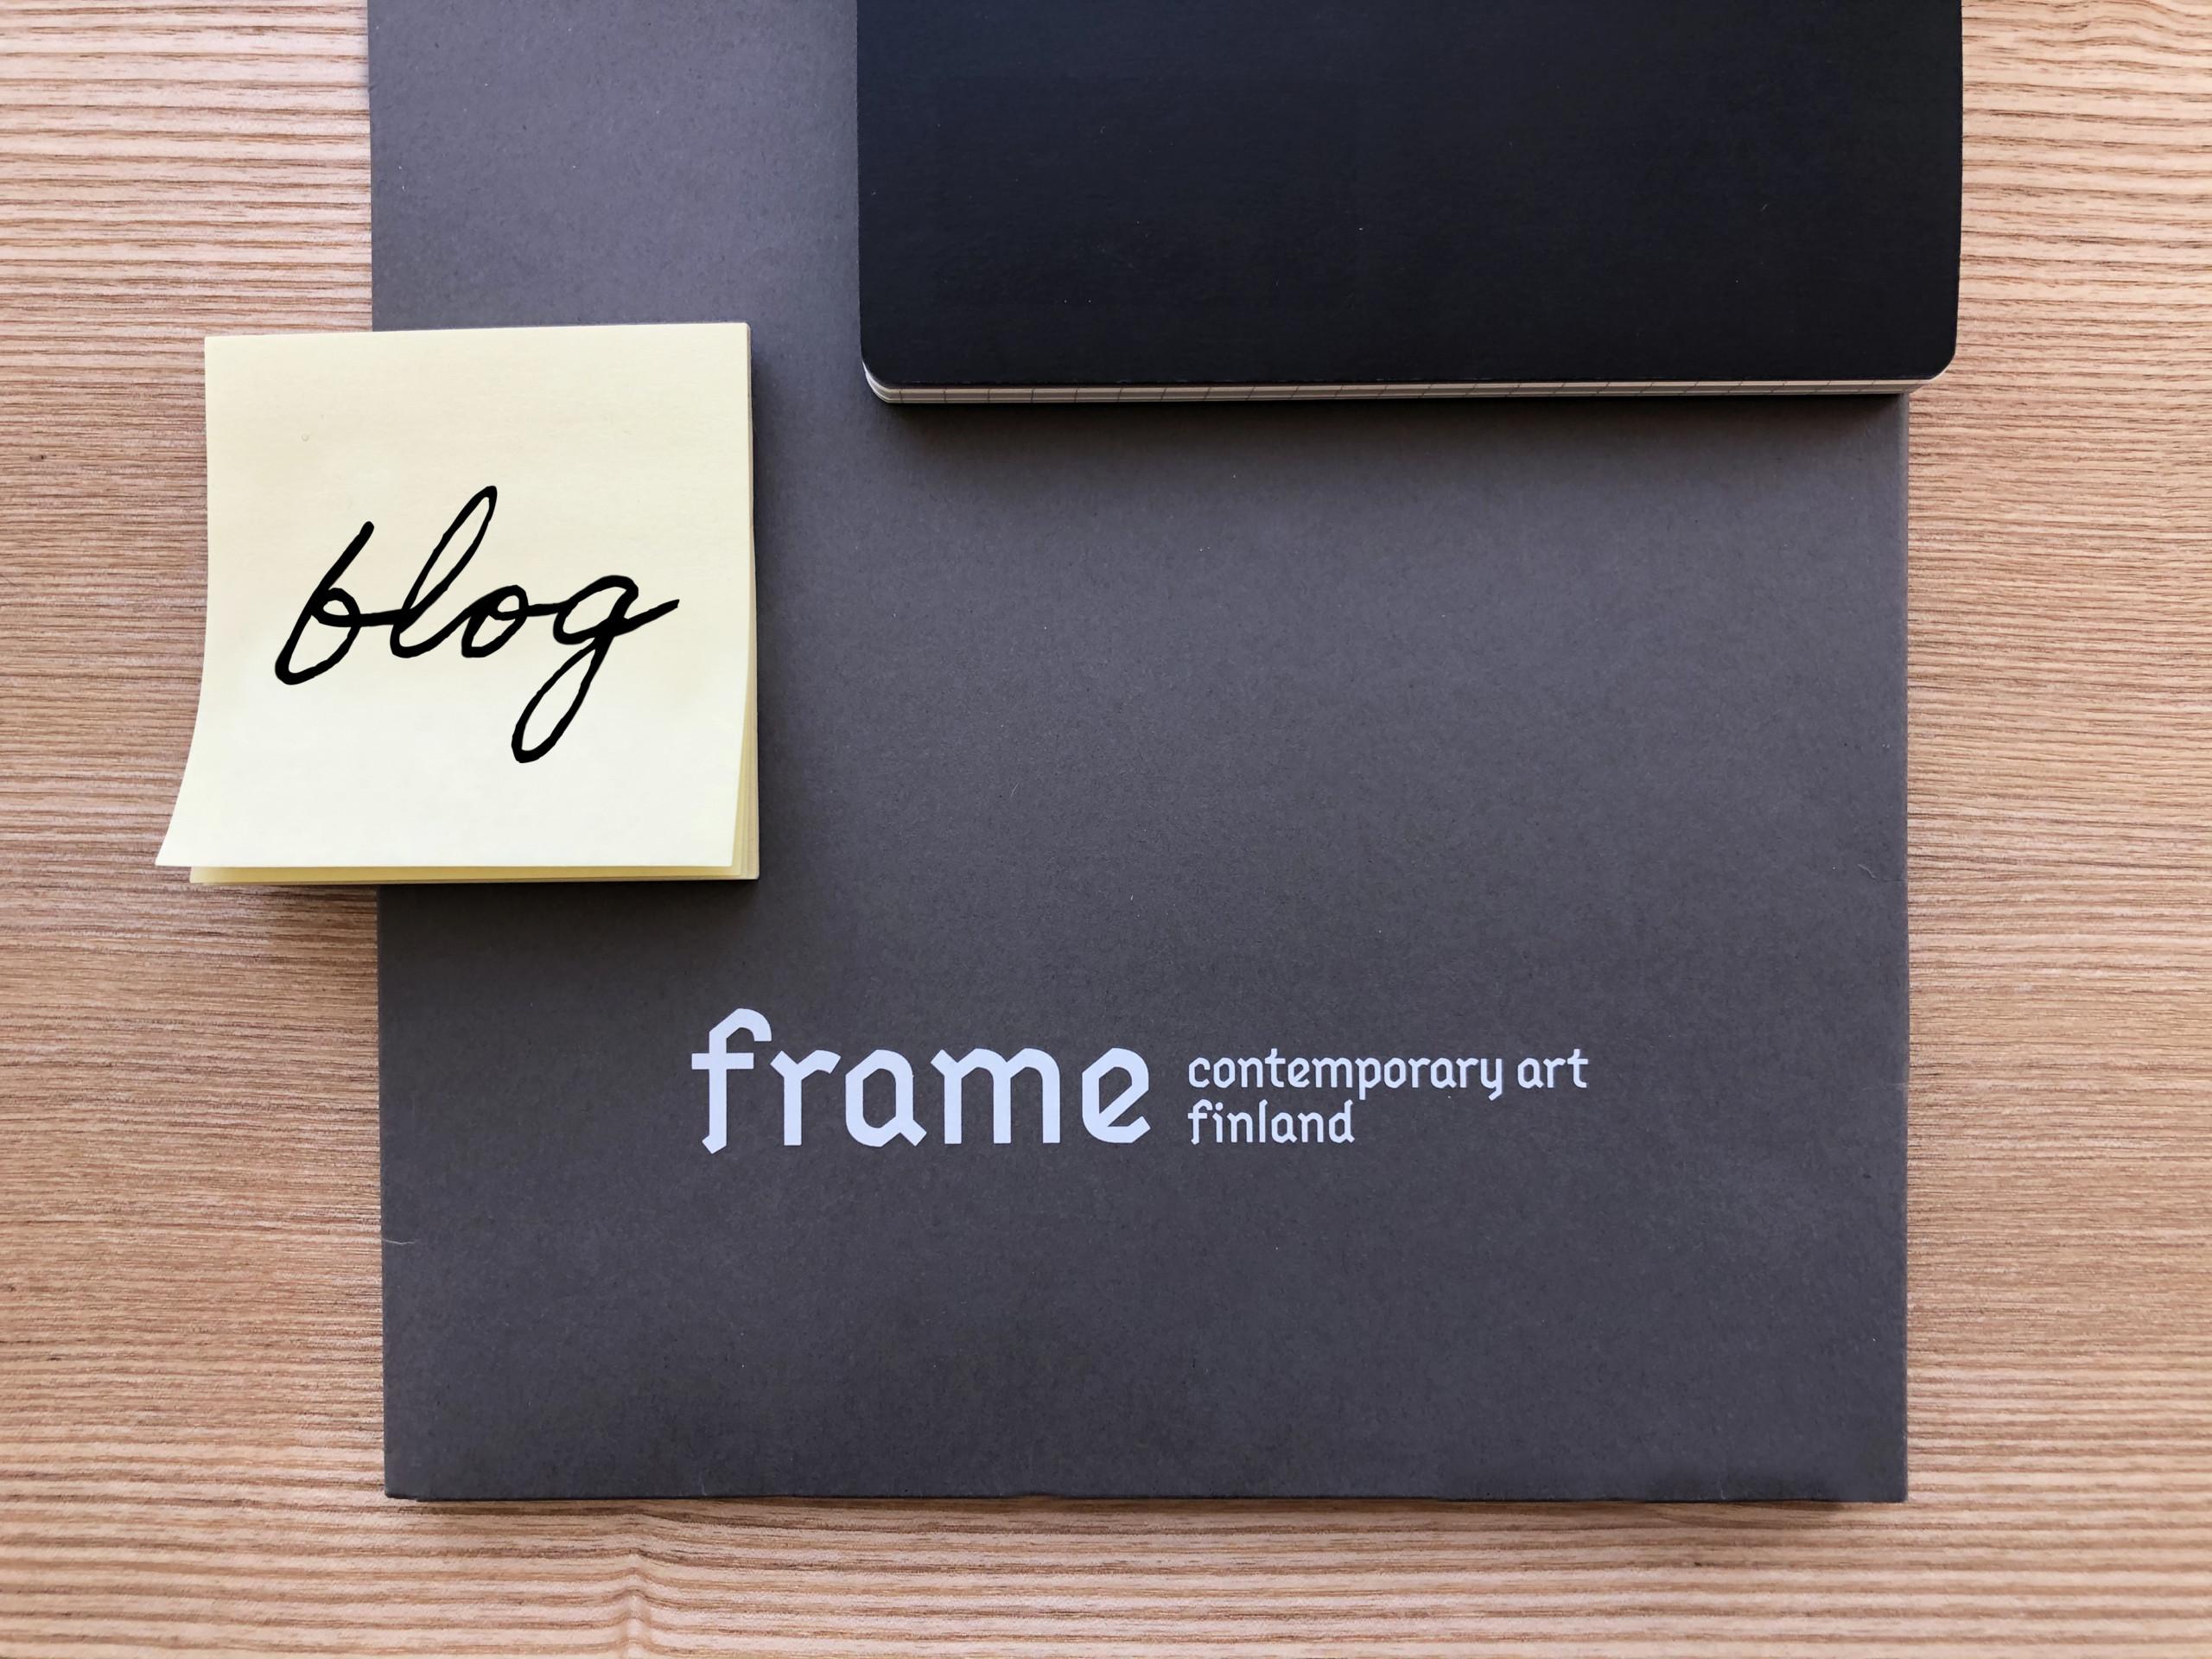 Poydalla harmaa kansio, jossa Framen logo, musta muistikirja ja keltainen post-it-lappupino, jonka paallimmaisessa lapussa lukee blogi.